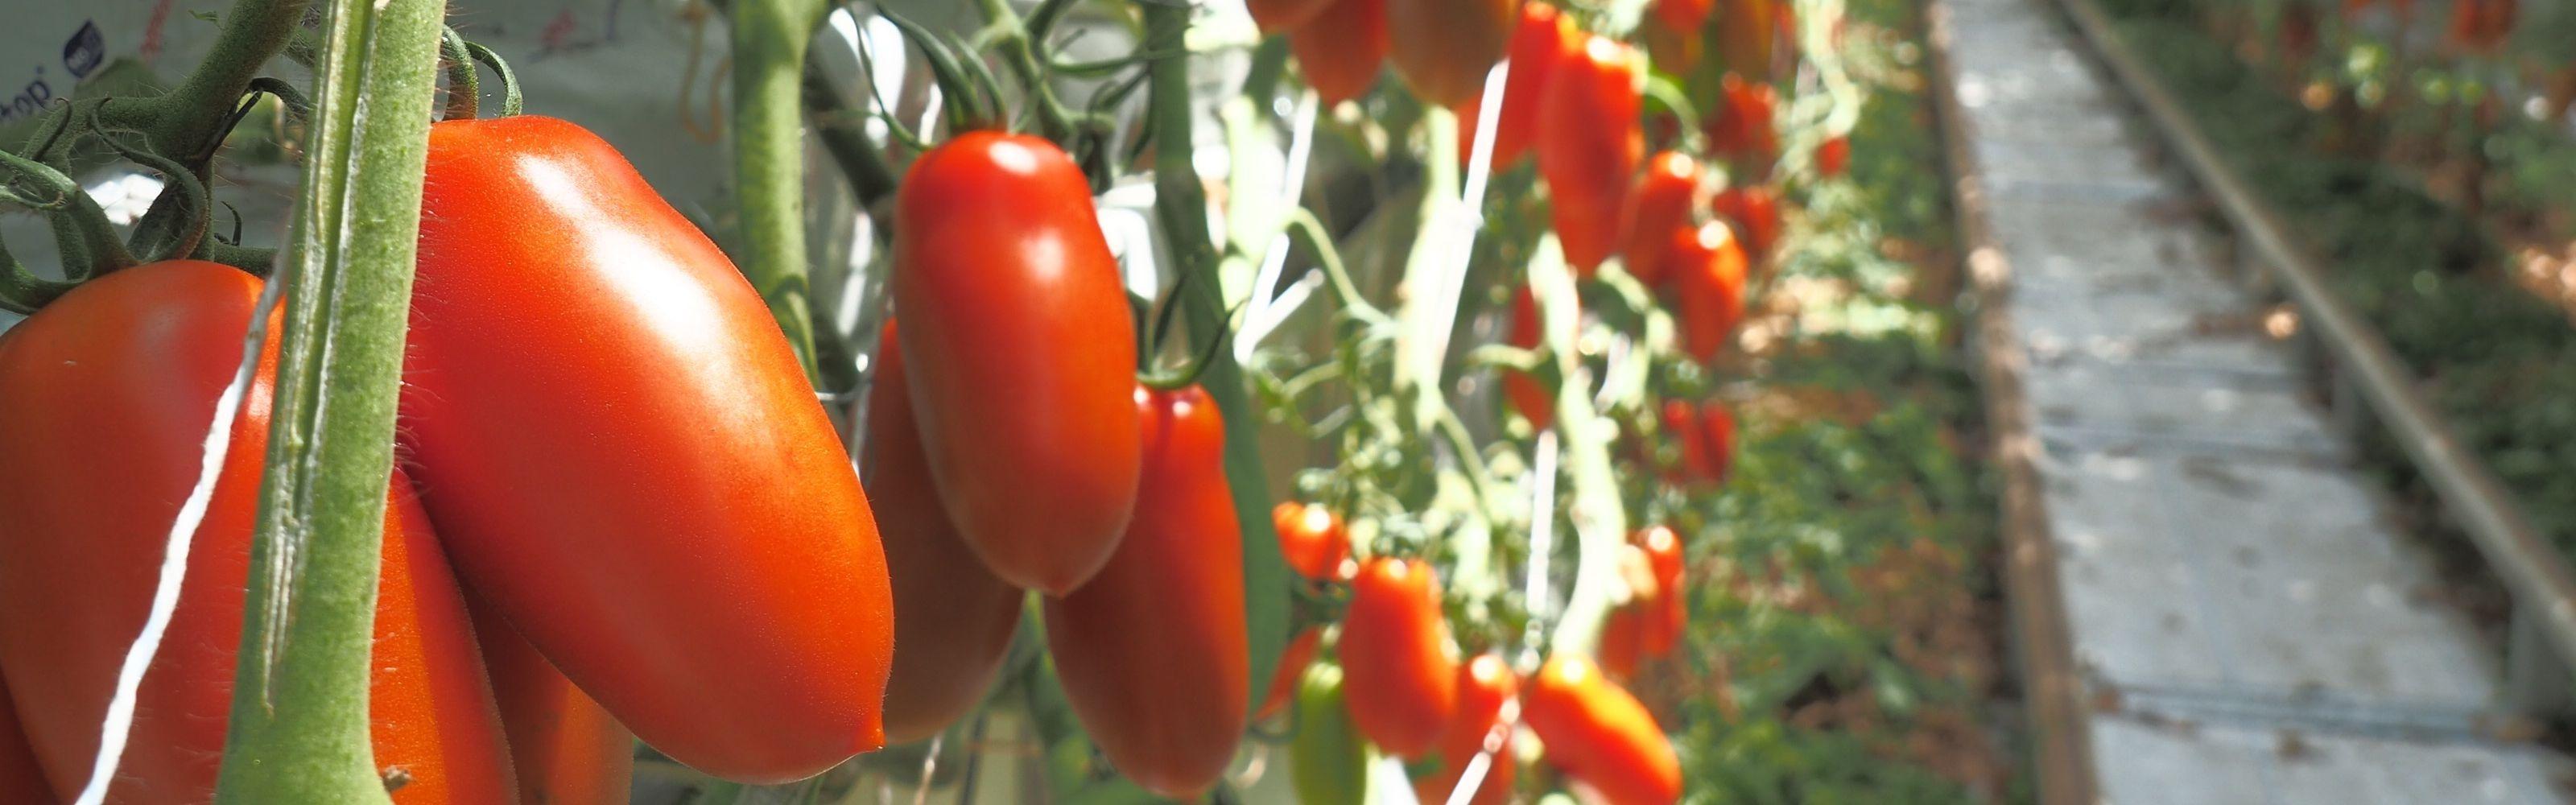 san marzano tomaten gewächshaus horssol treibhaus gemüse